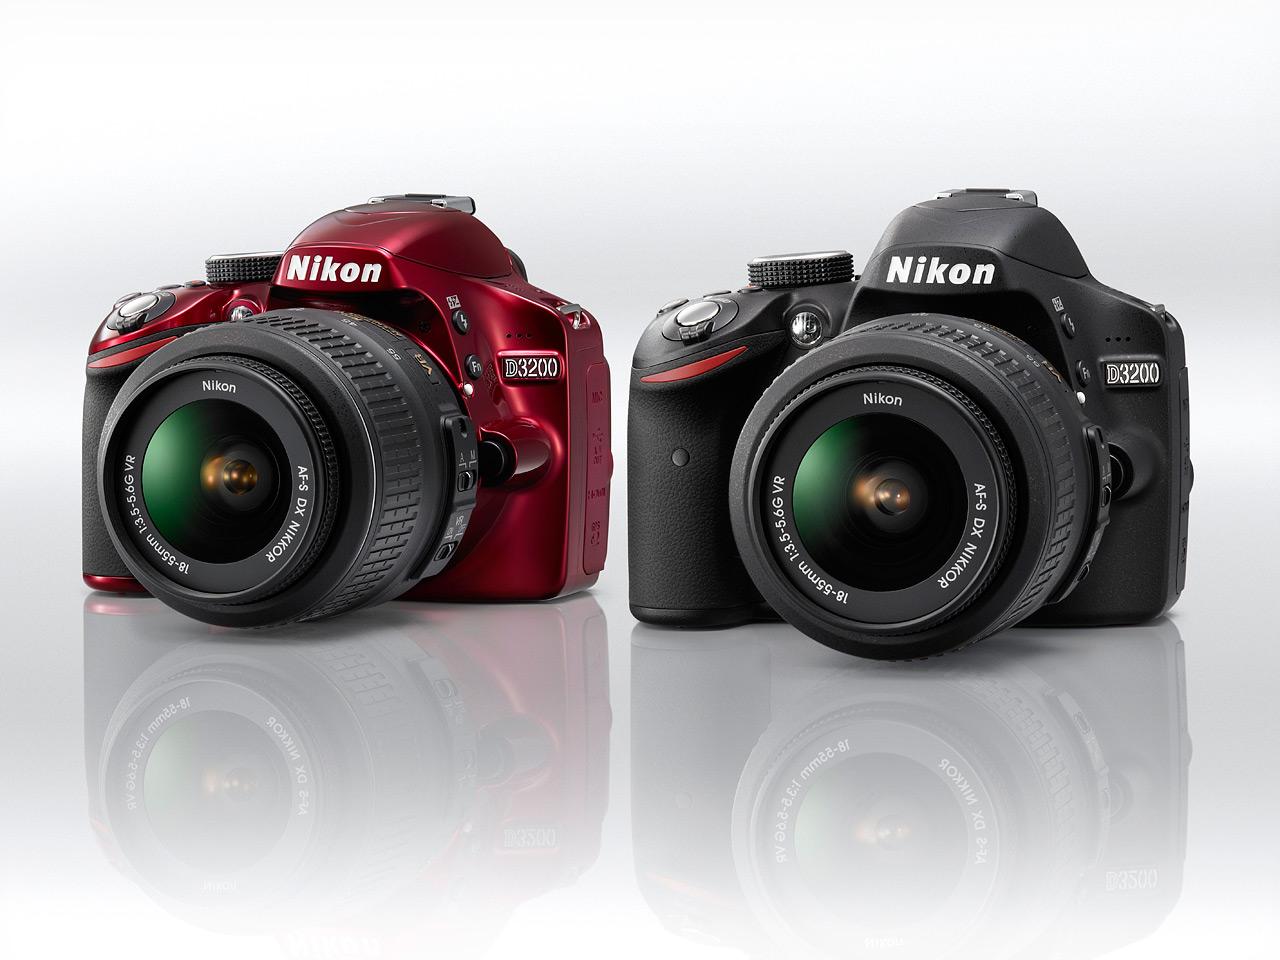 Image Source: Nikon